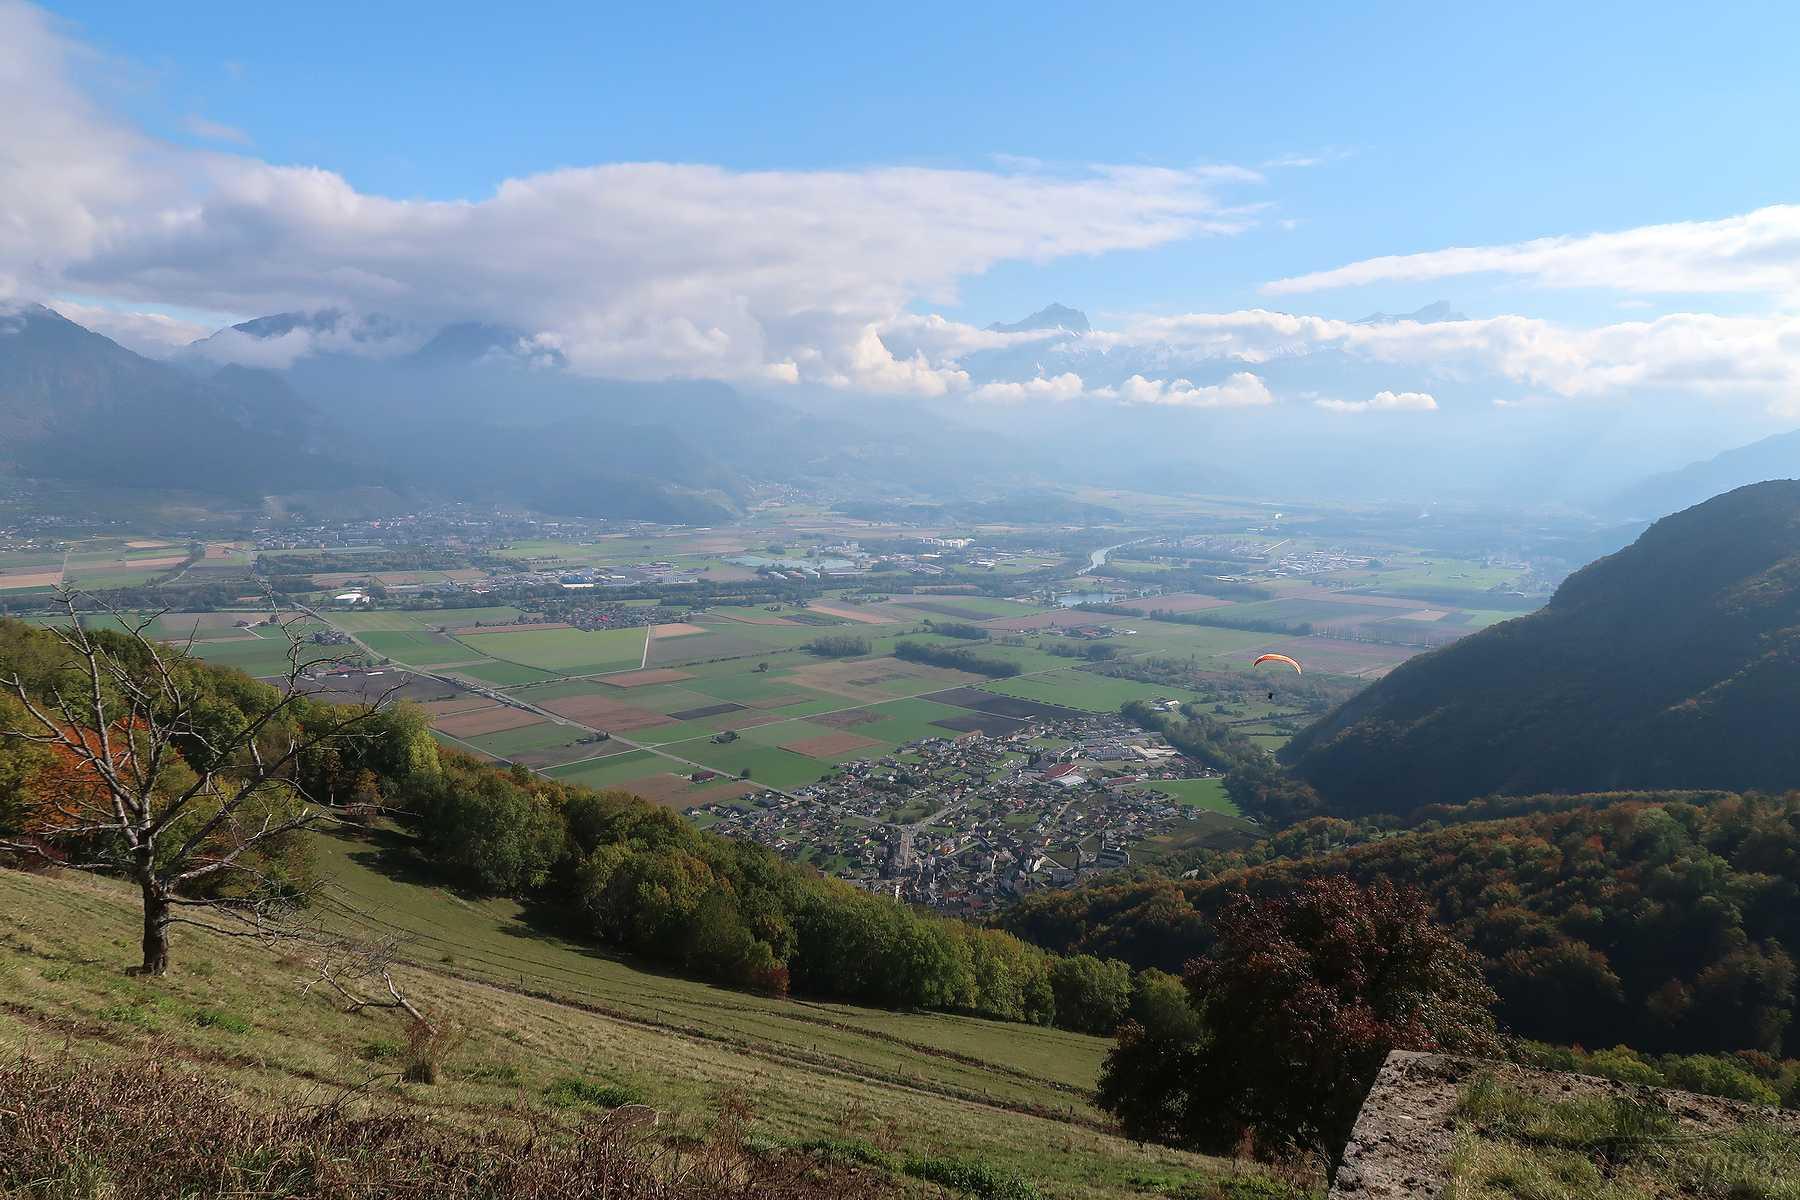 Randonnée à Reveurelaz depuis Vionnaz. Retour par le sentier des Rails